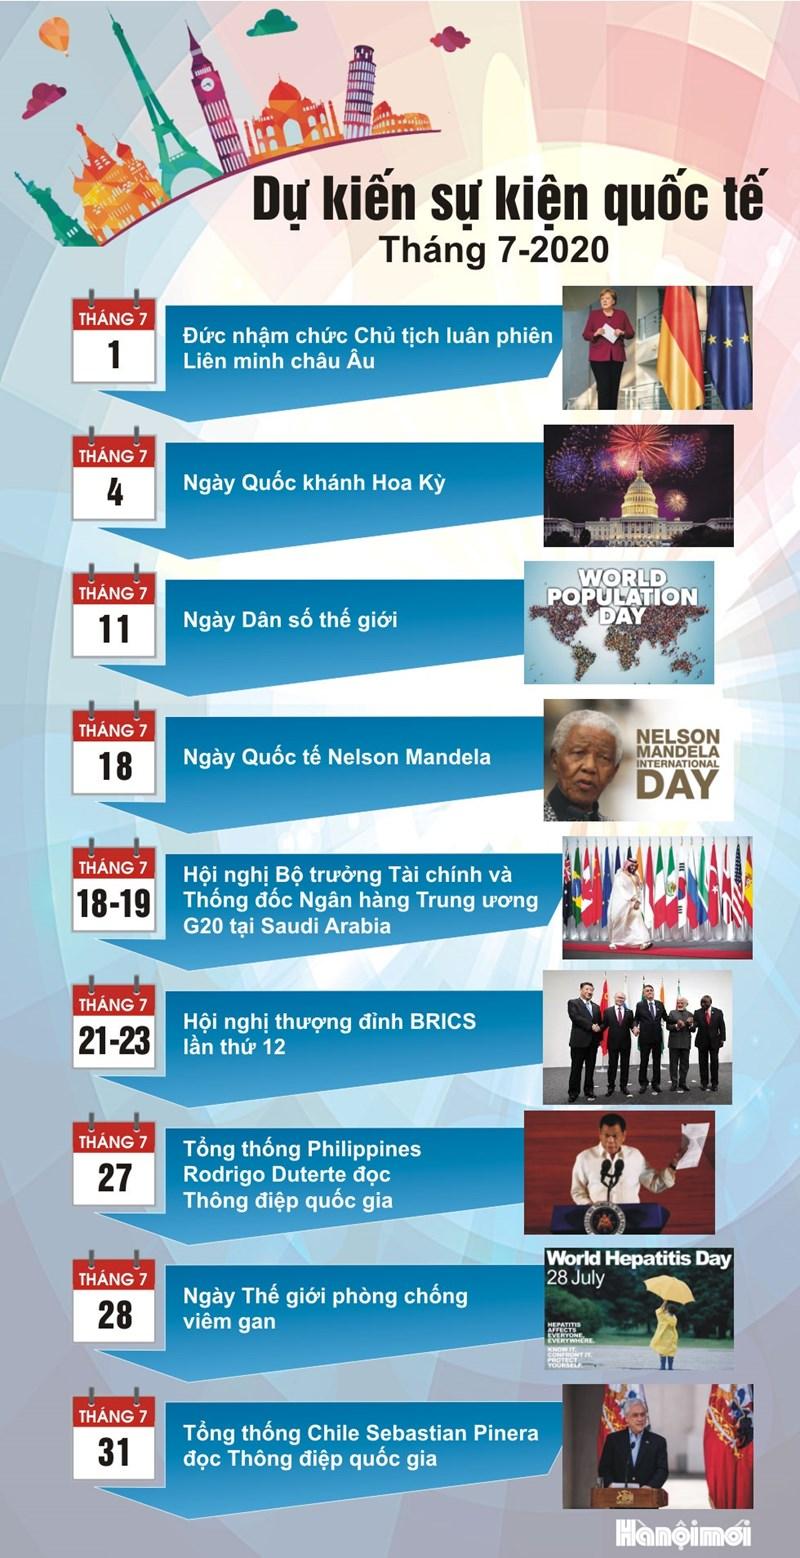 [Infographics] Dự kiến sự kiện quốc tế tháng 7 - Ảnh 1